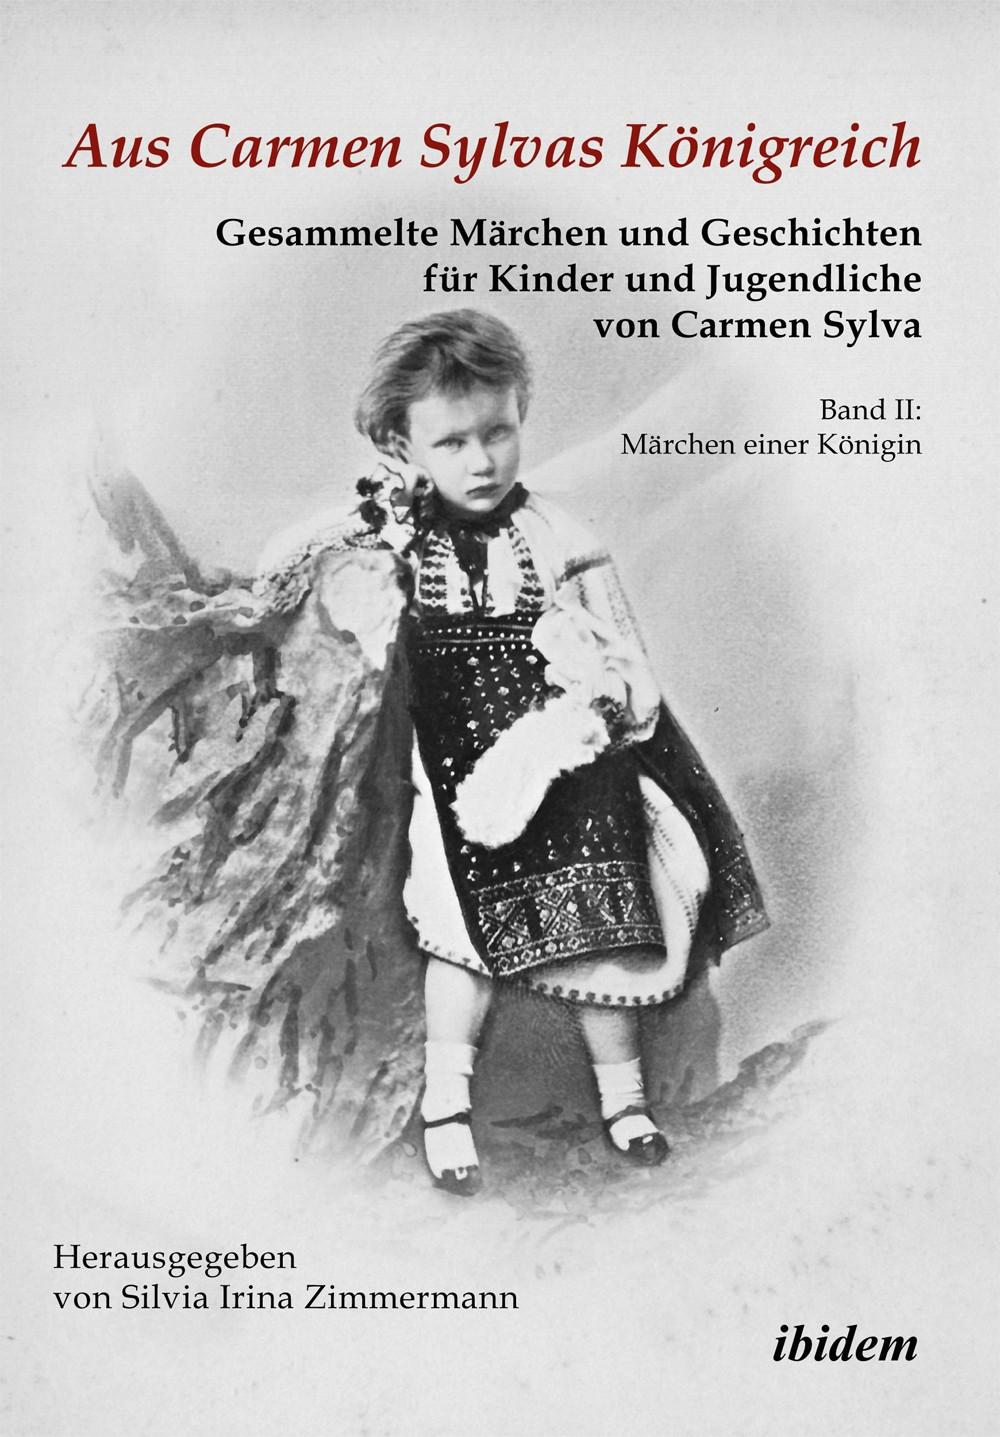 Aus Carmen Sylvas Königreich. Gesammelte Märchen und Geschichten für Kinder und Jugendliche